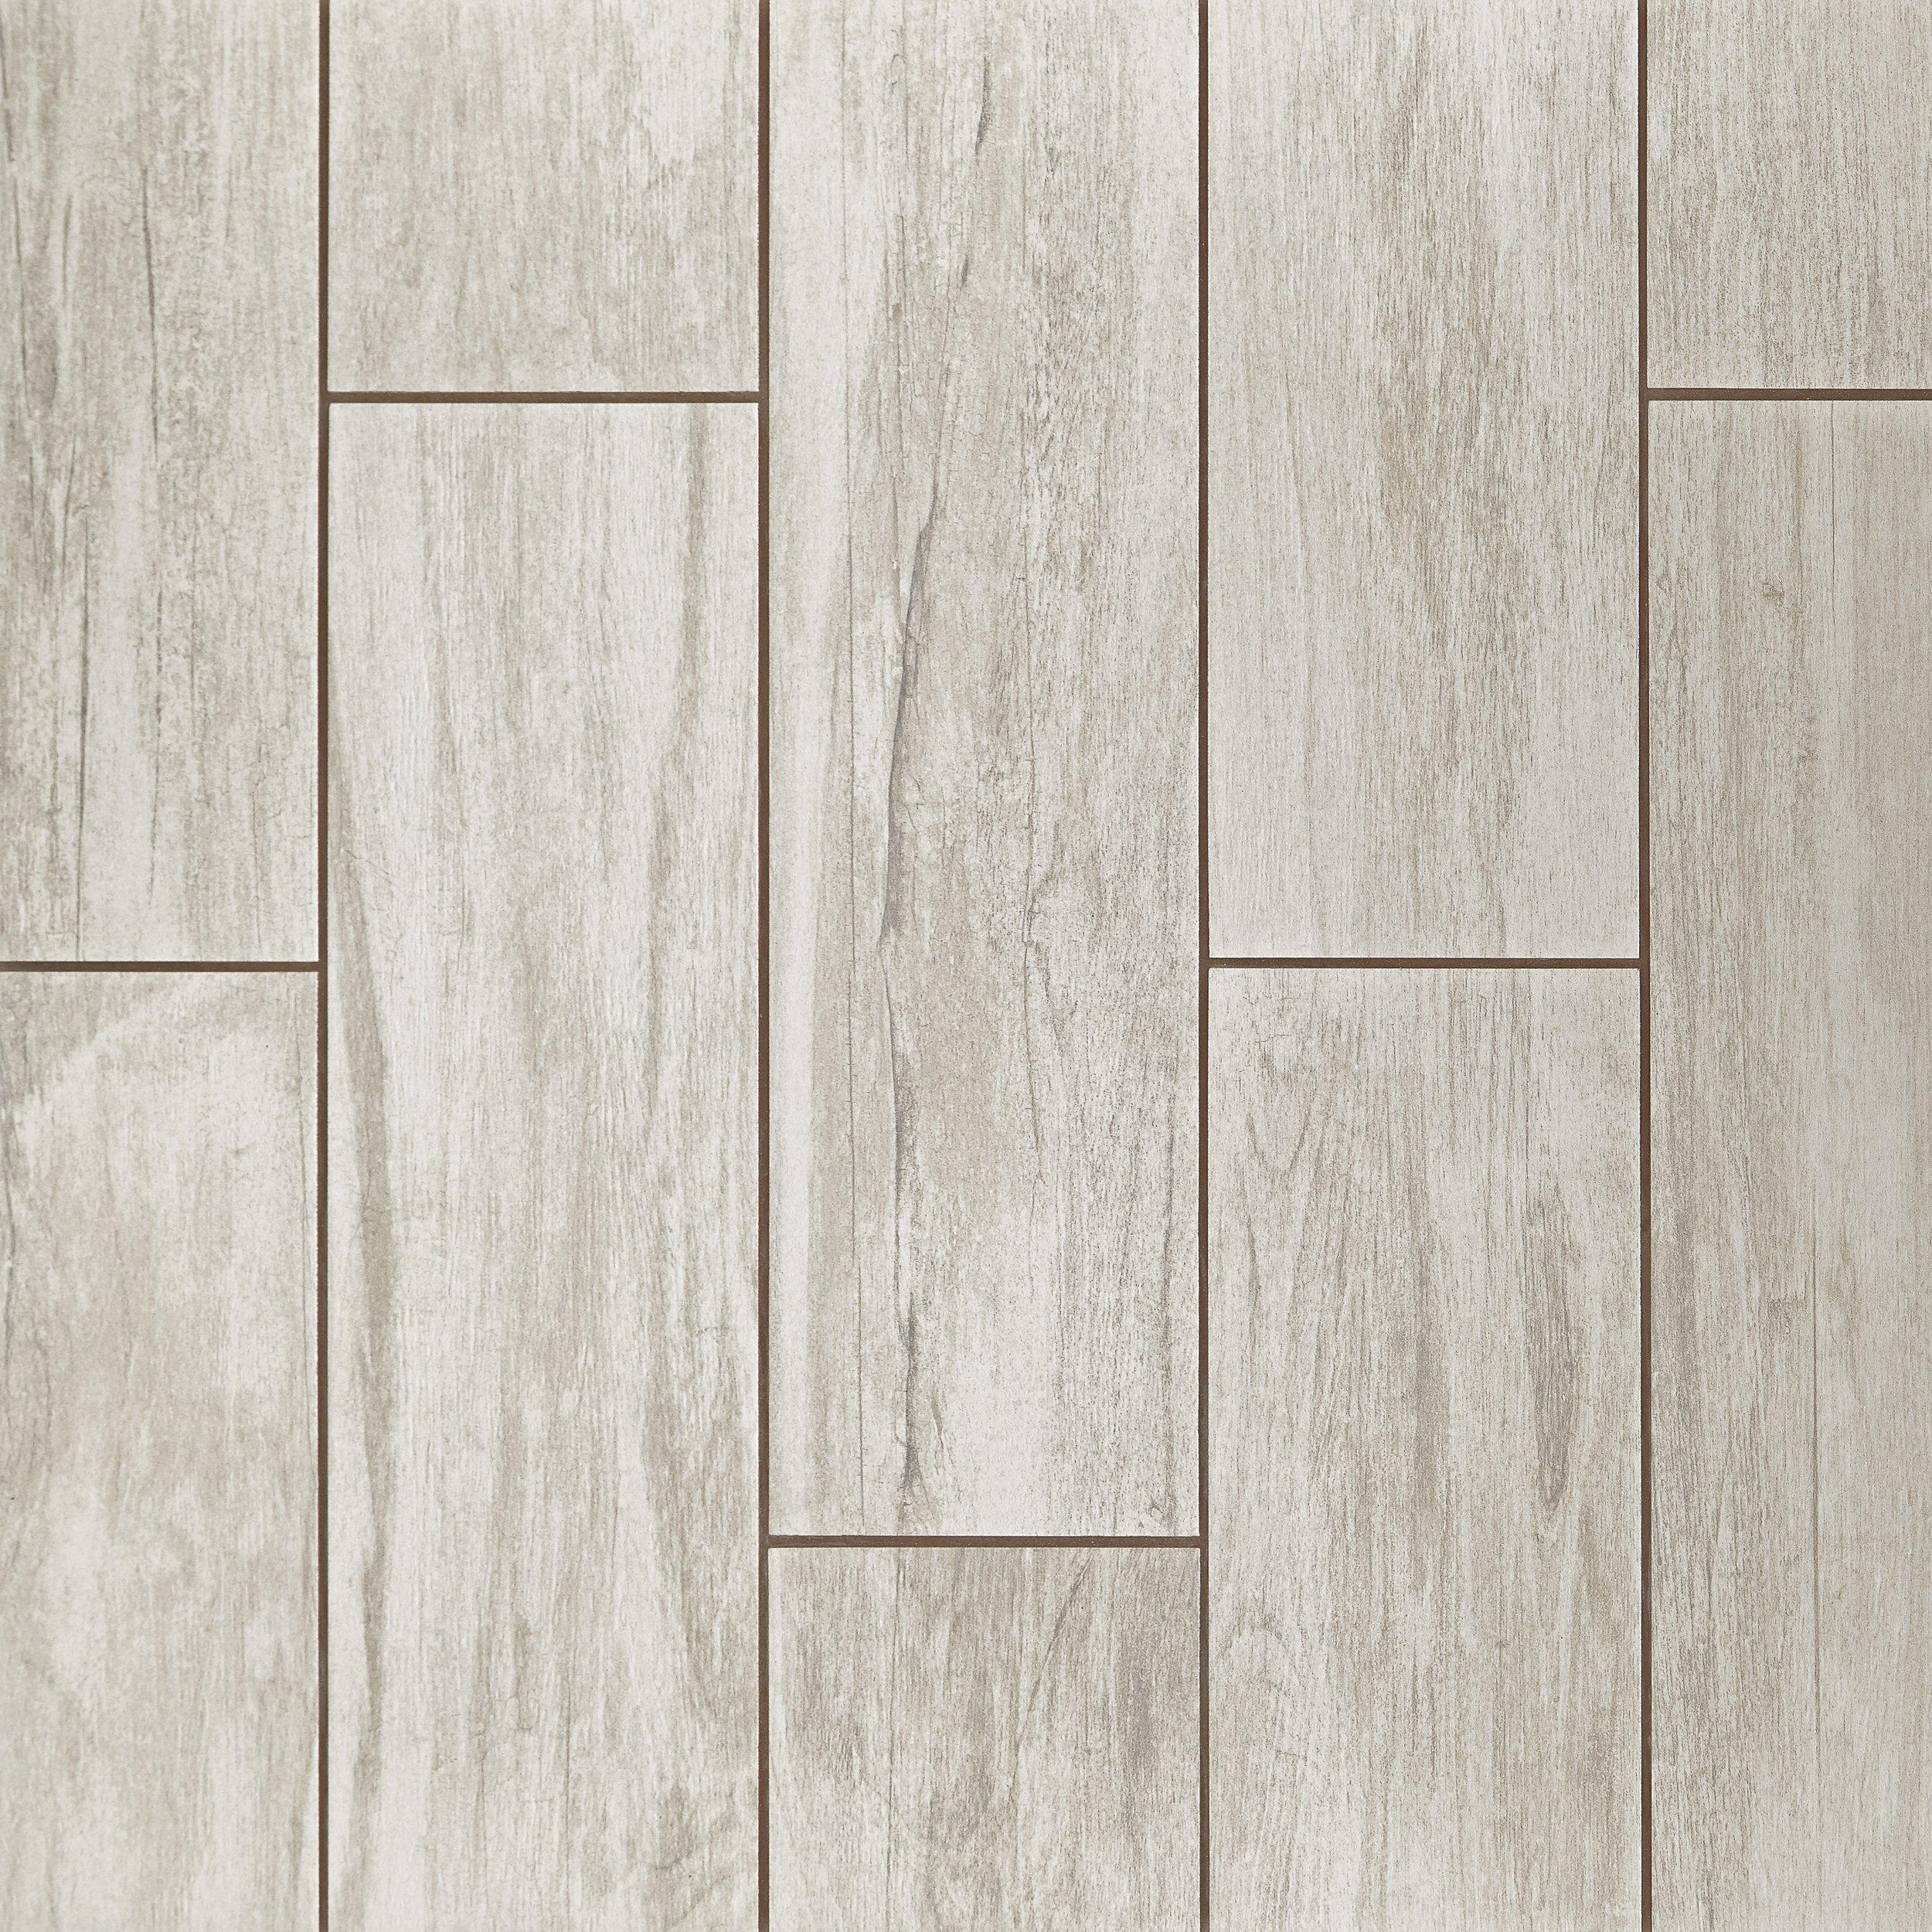 Park Avenue Porcelain Tiles: Park Avenue Maple Wood Plank Porcelain Tile